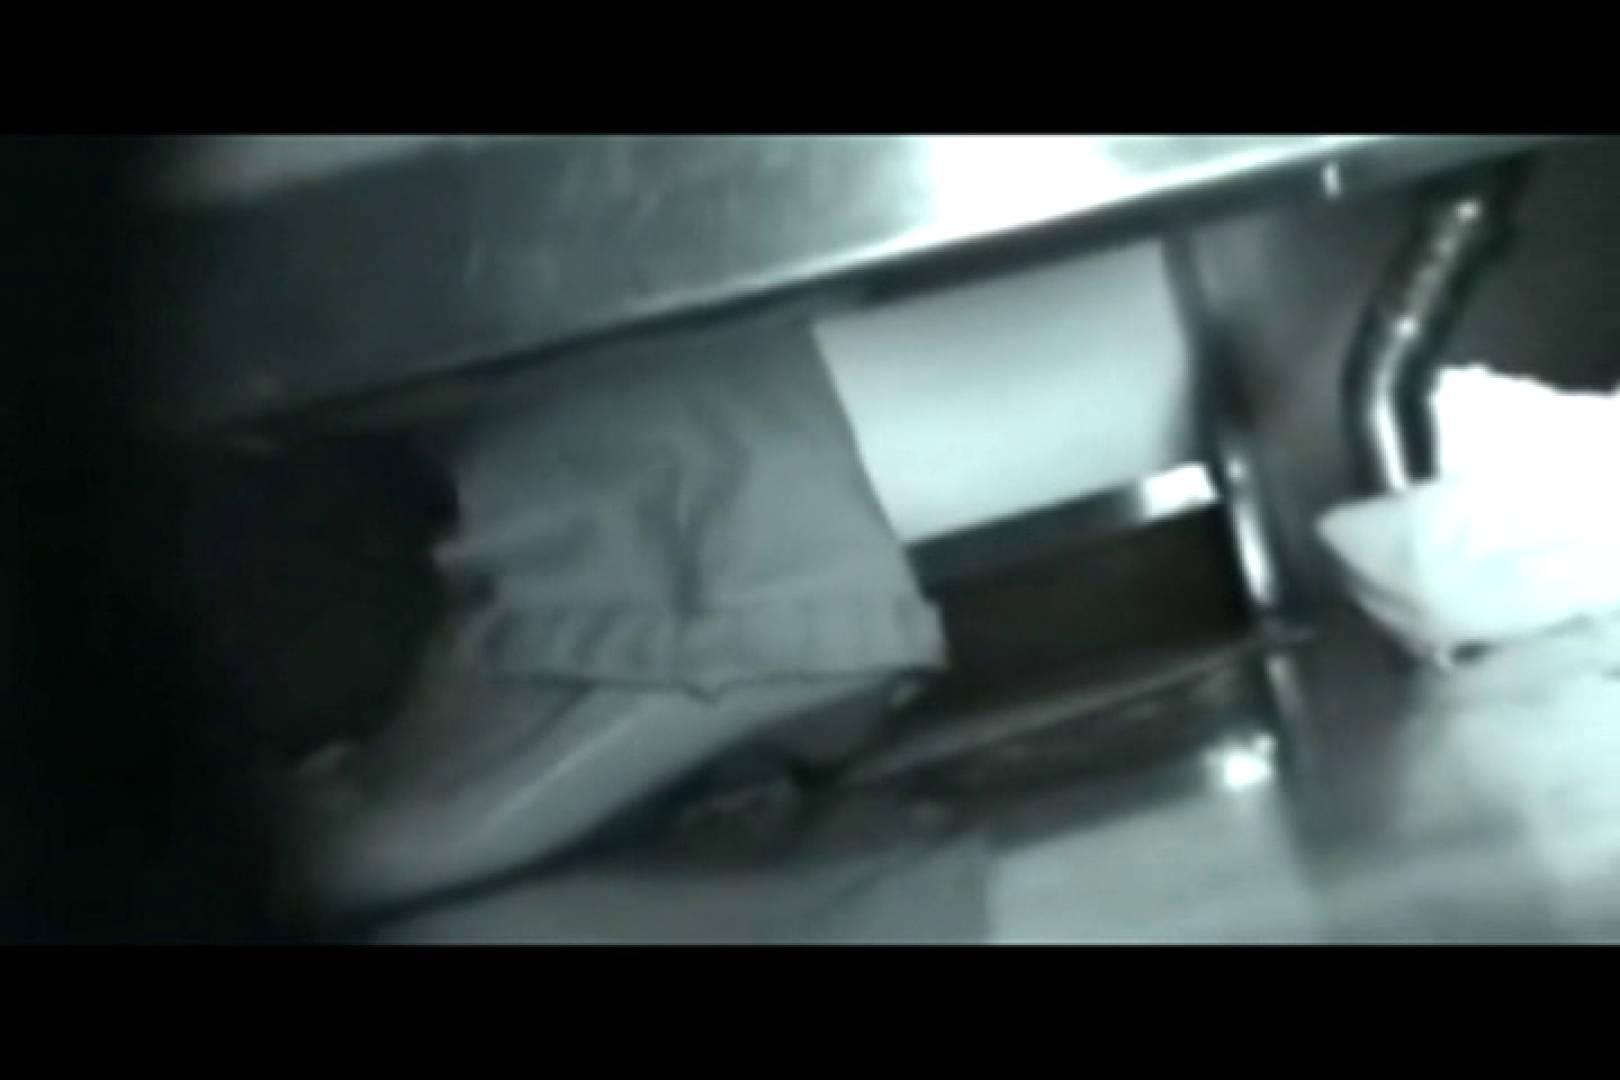 ぼっとん洗面所スペシャルVol.18 おまんこ無修正 | 洗面所はめどり  76画像 34